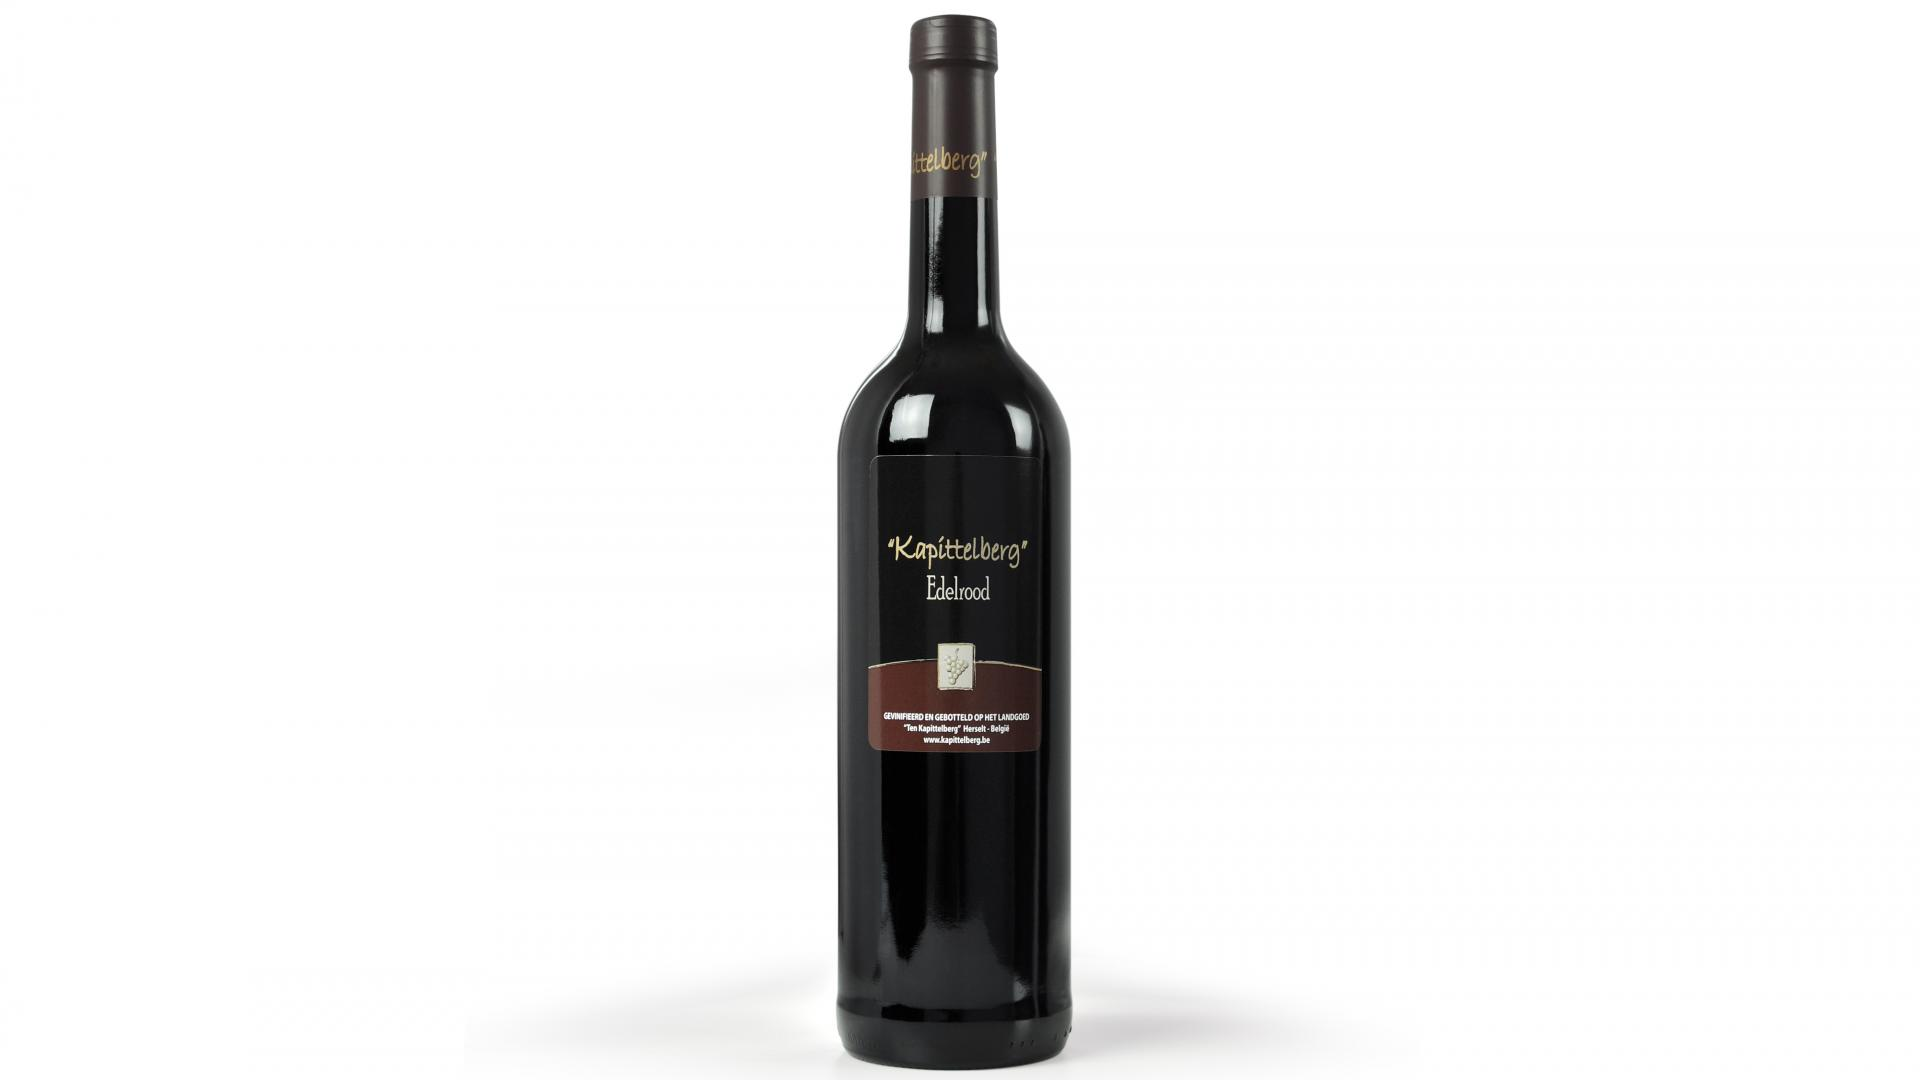 Lichte Rode Wijn : Hoe leer je als liefhebber van witte wijn rode wijn te drinken